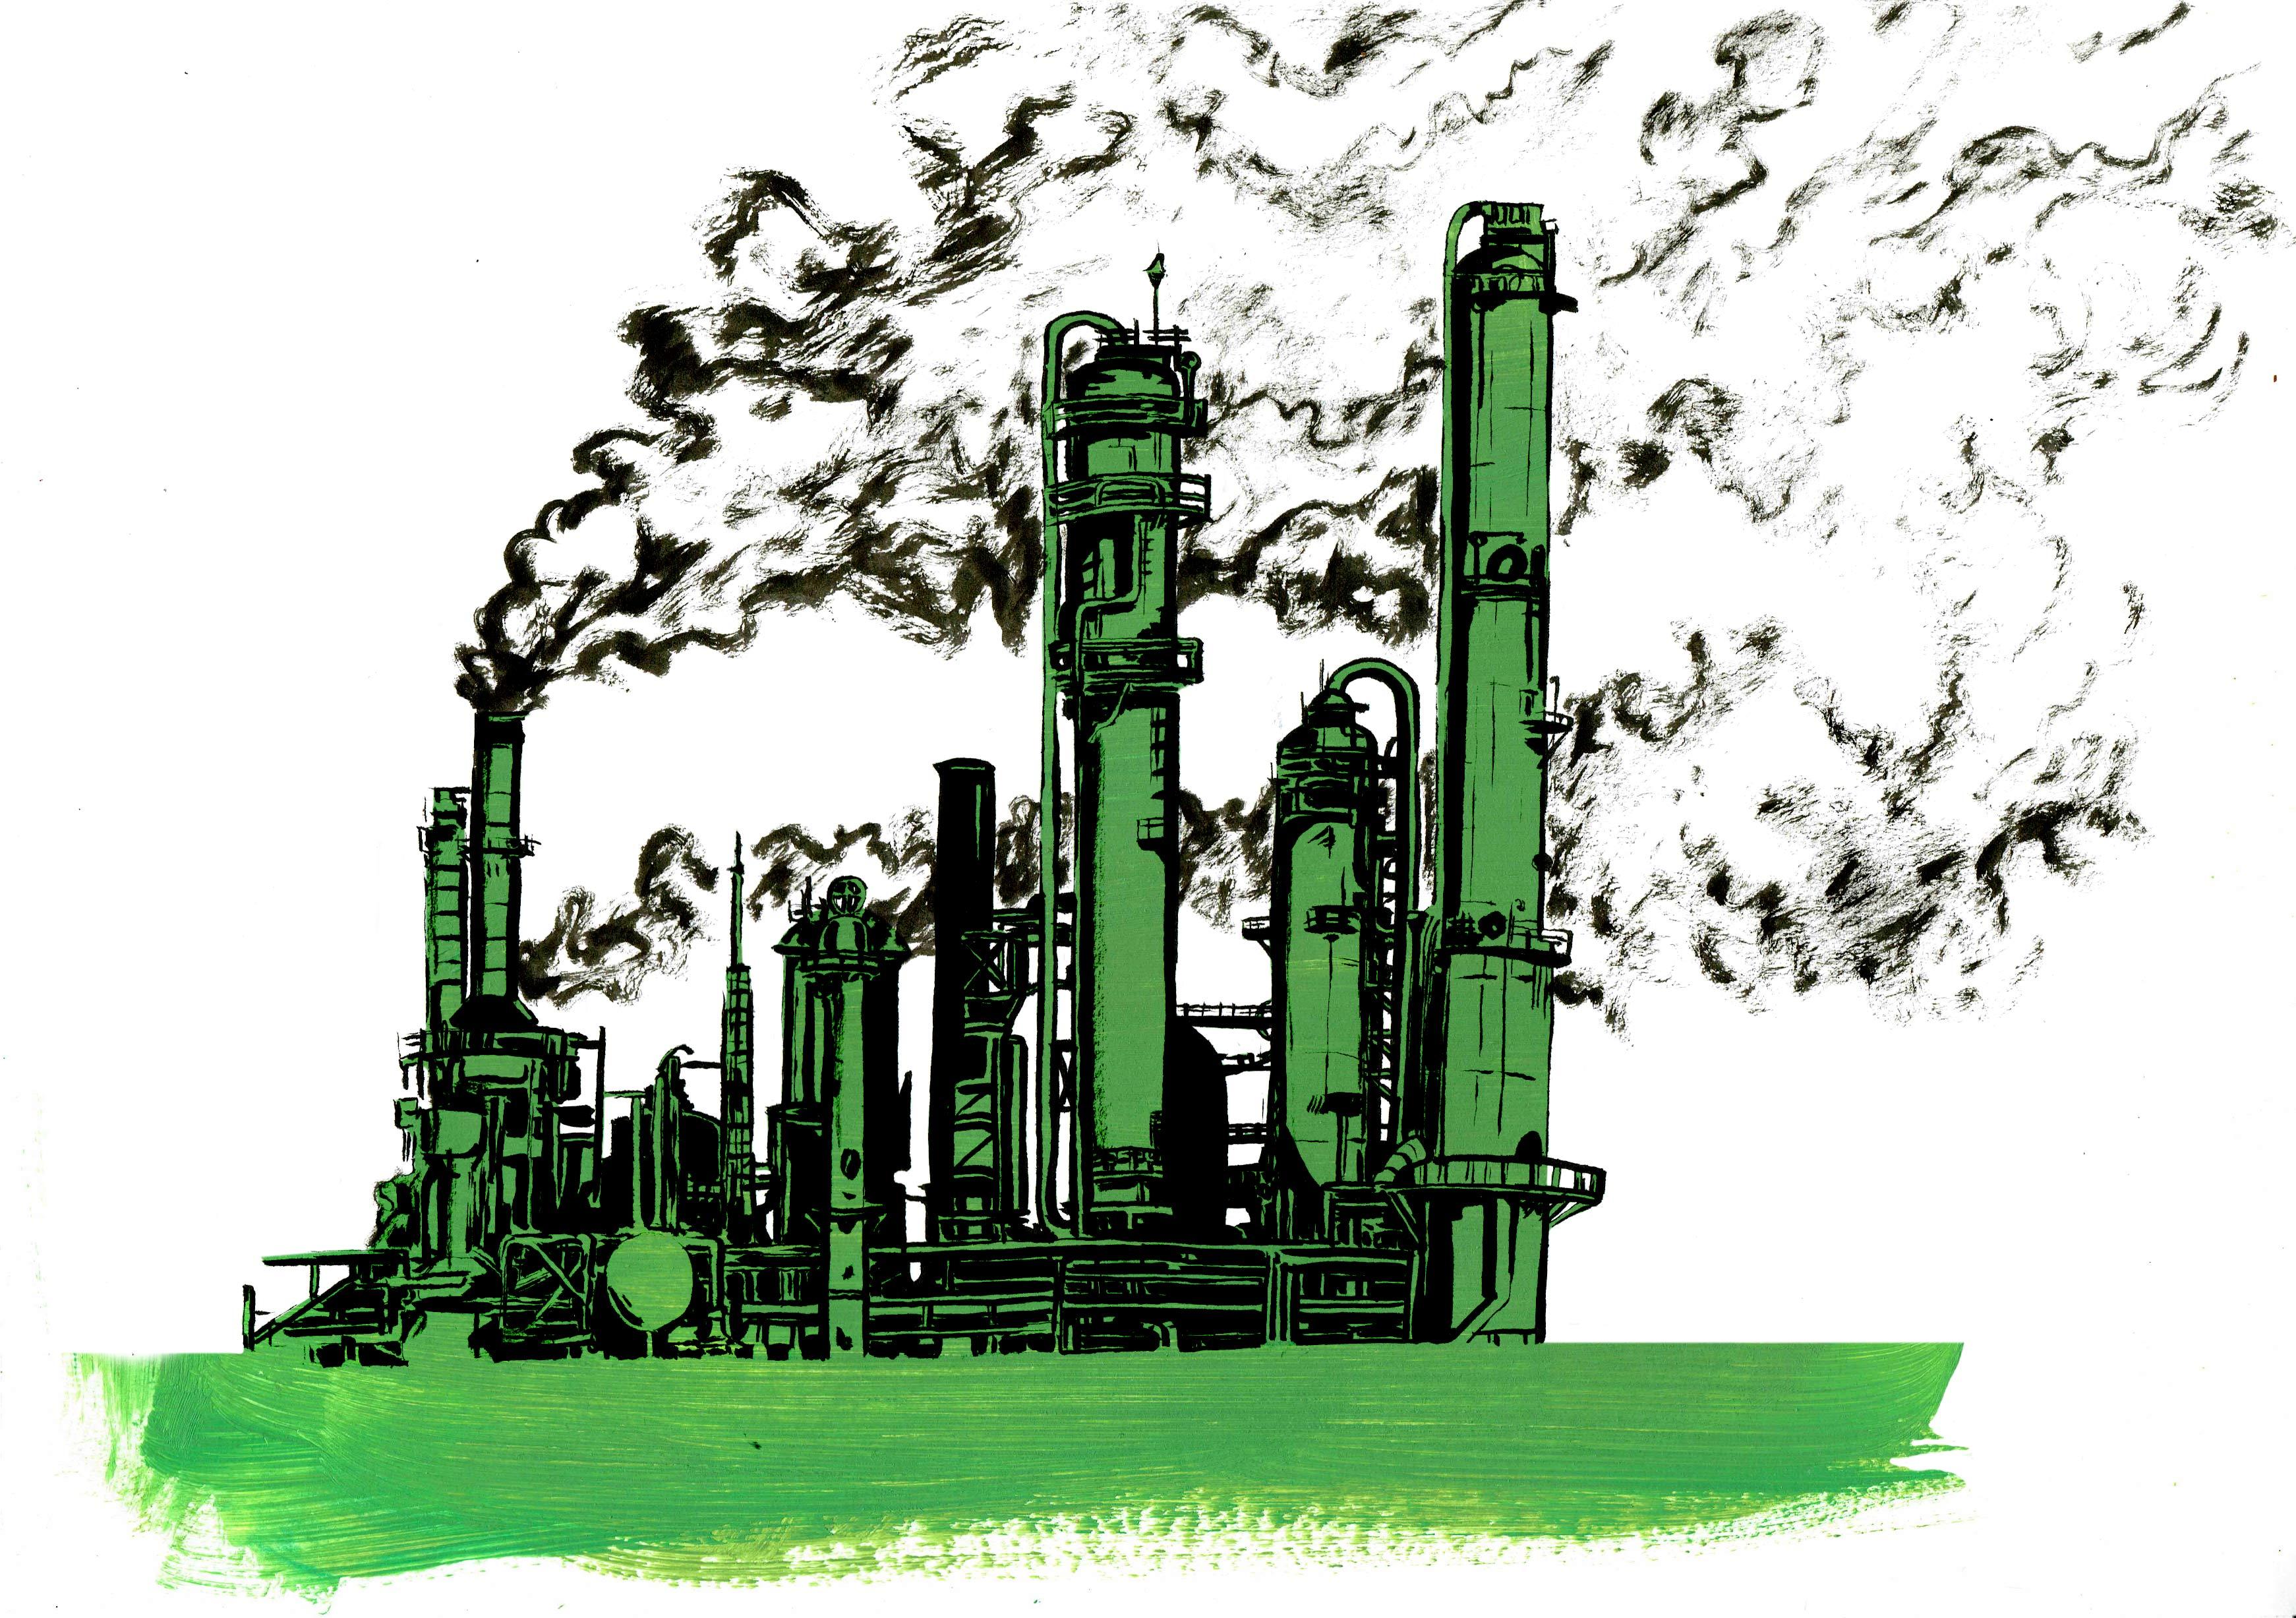 Illustrations d'Eric Vanderhaegen. Croissance verte : la lutte contre le changement climatique et la lutte écologique sont plus que jamais un combat pour la survie de notre espèce.